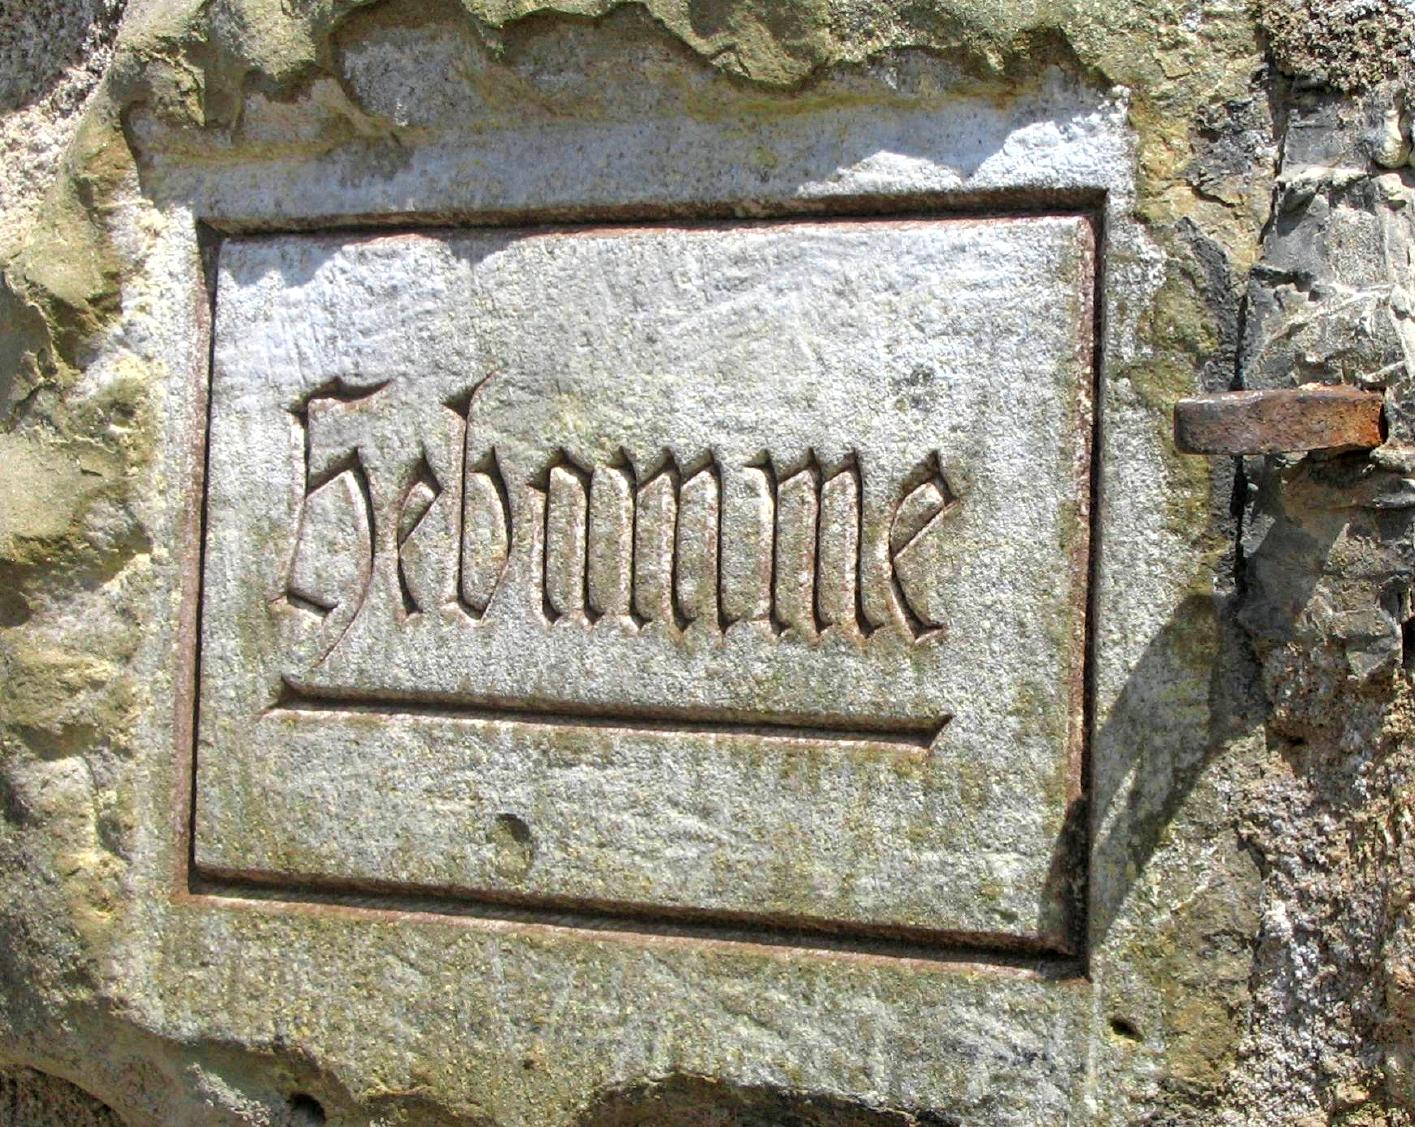 Das Hebammenschild erinnert an Frieda Schneider. Weil die Hebamme auf der Talheimer Burg wohnte, ließ sie eine Metallöse (rechts) anbringen, an der ein Glockenzug befestigt war. So ersparte sie werdenden Vätern den steilen Aufstieg. Foto: Archiv/Grimm